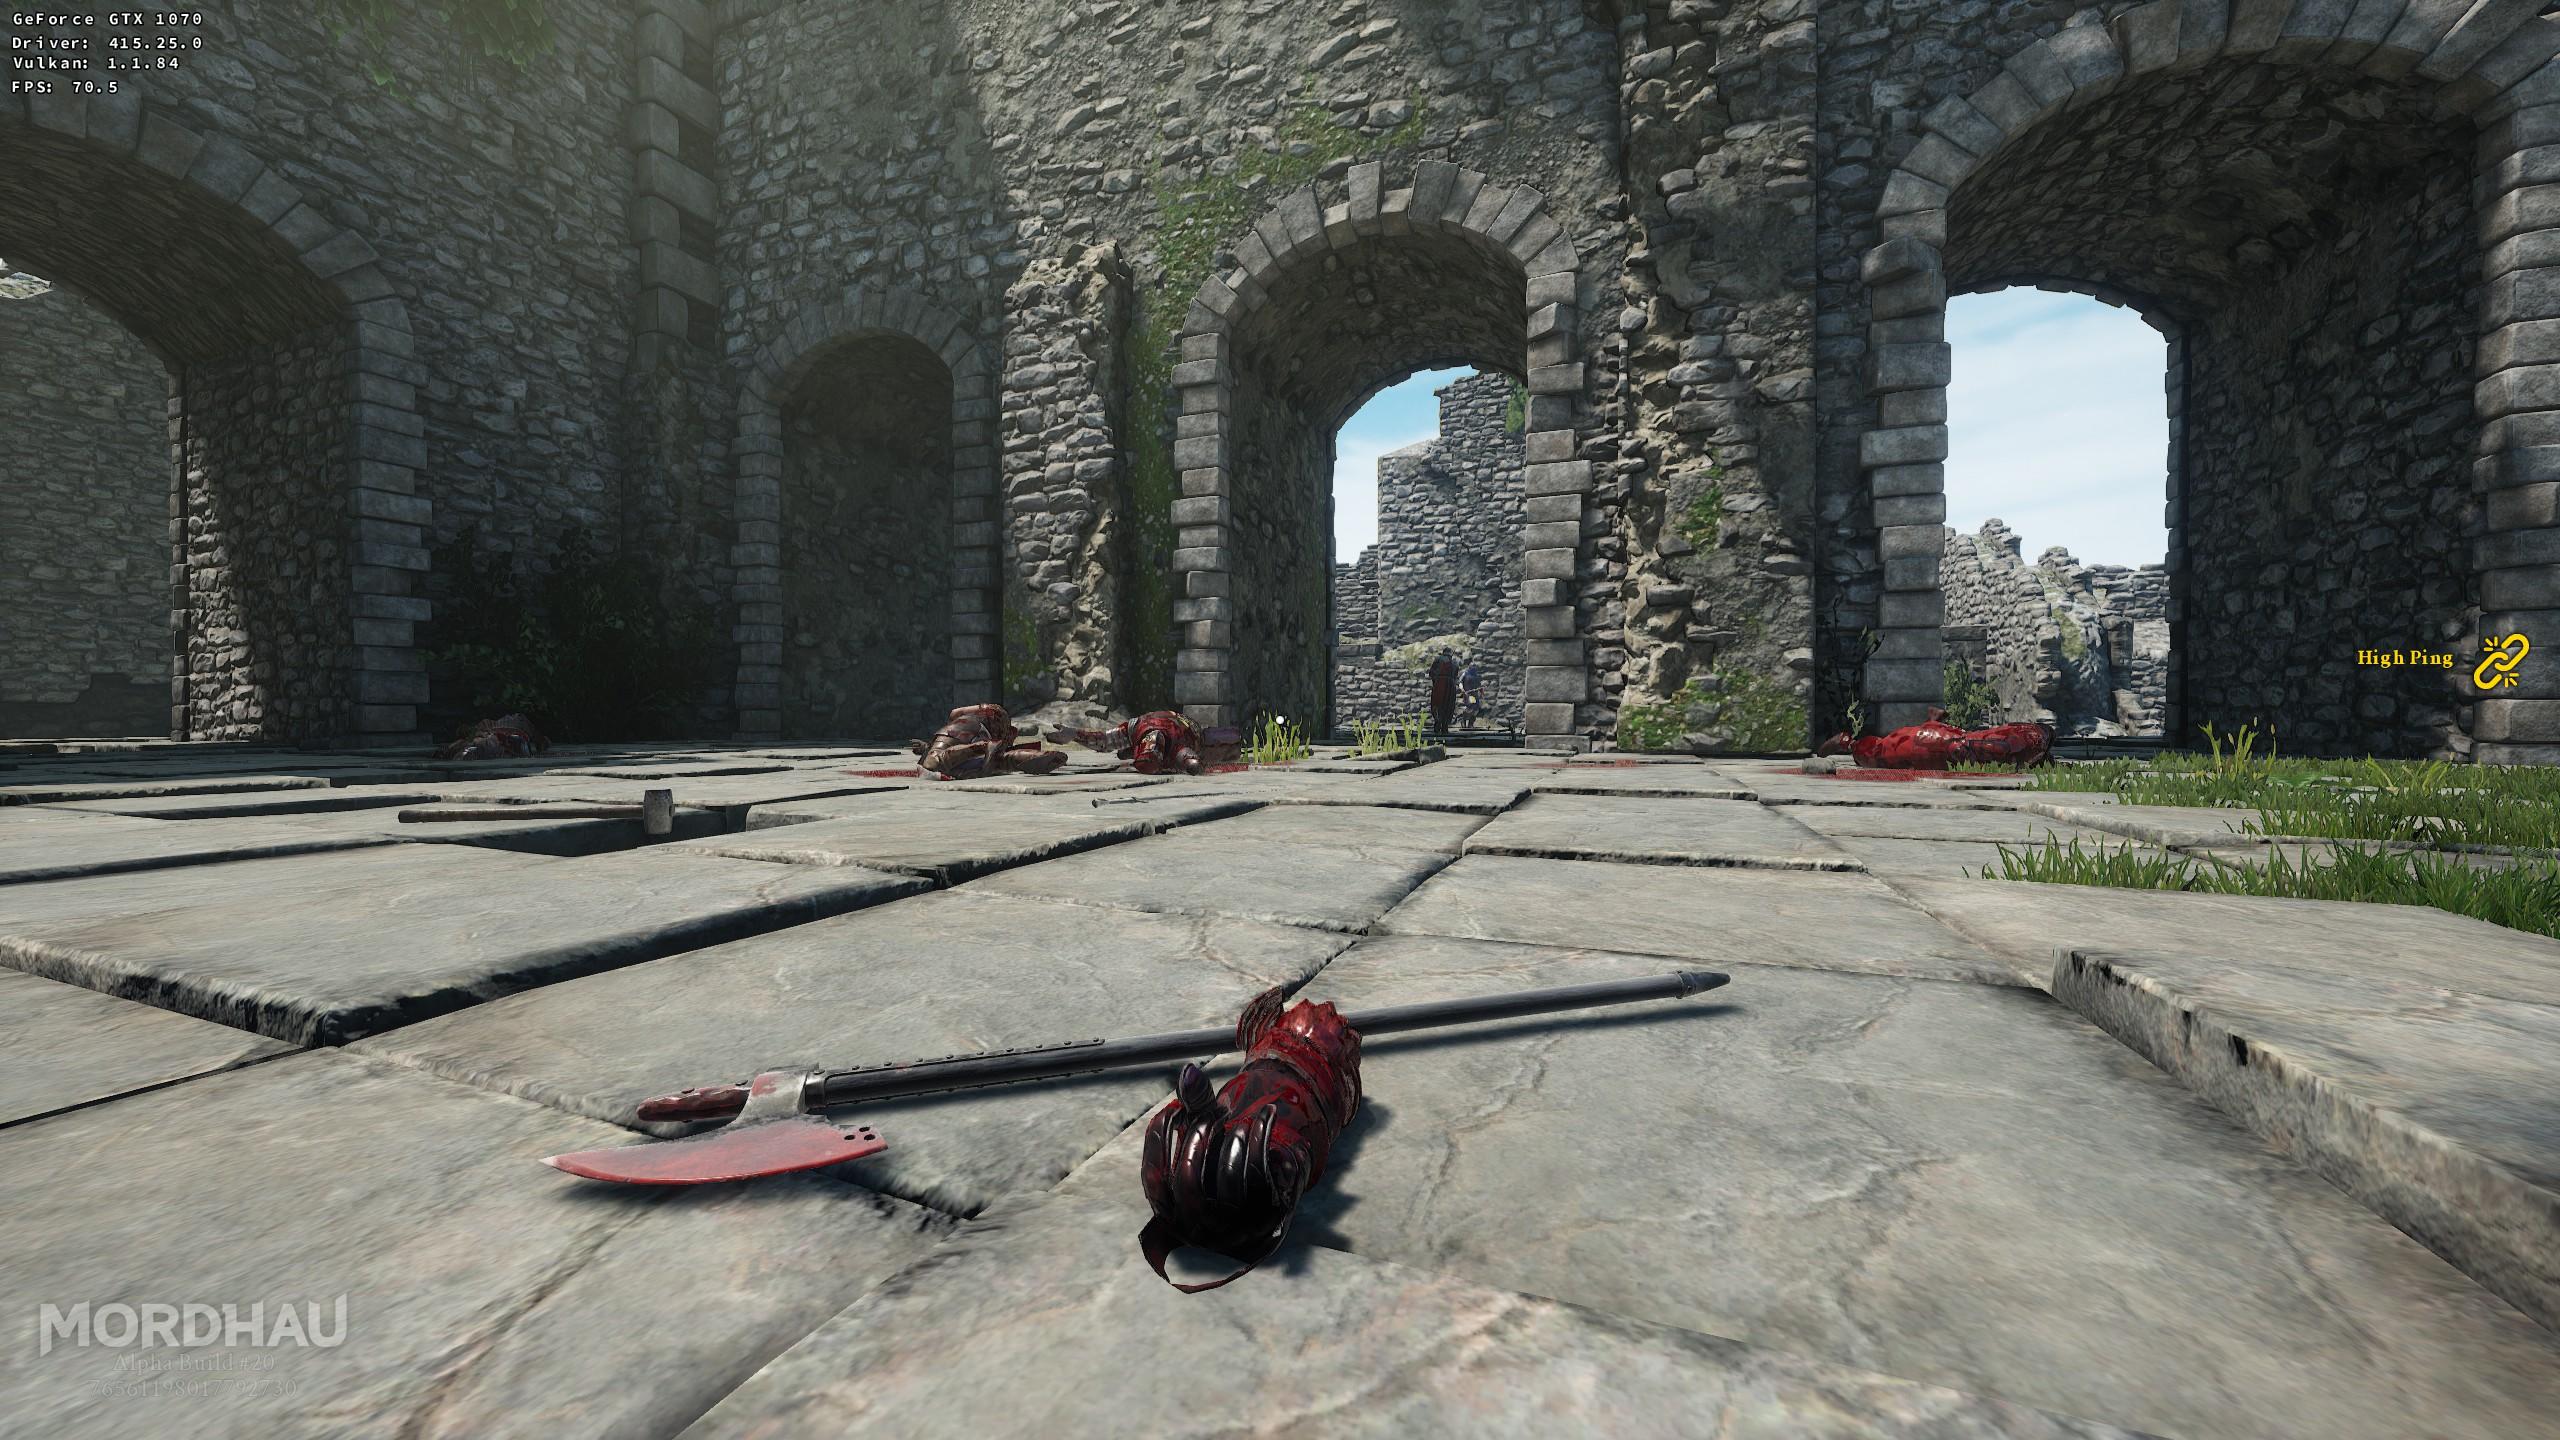 HowTo play Mordhau Alpha on Linux (Steam Play) - Mordhau com Forums